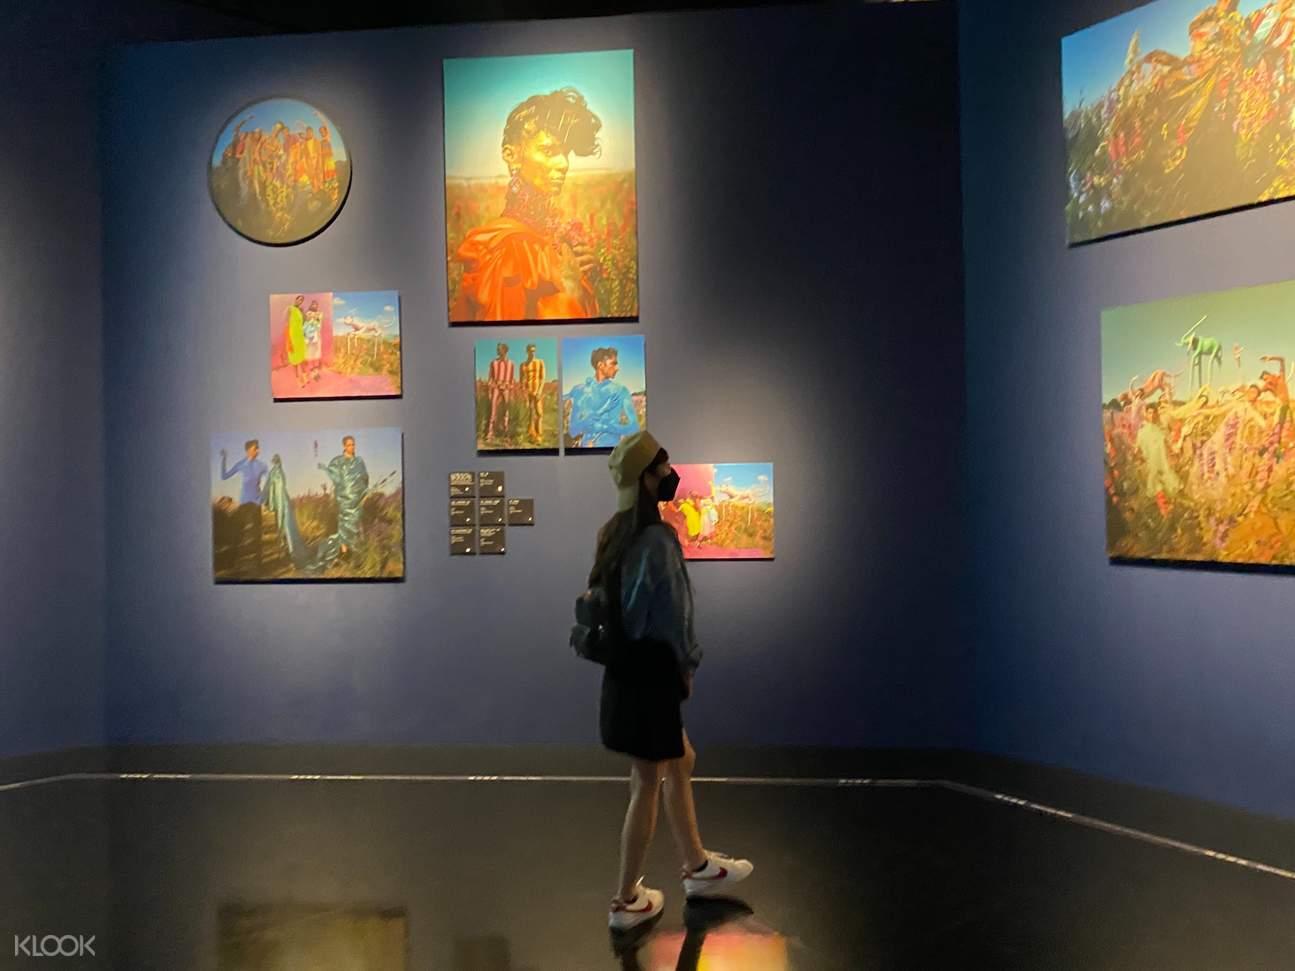 週末來趟小文青之旅,走訪奇美博物館看看當期特展《蒂姆・沃克:美妙事物》